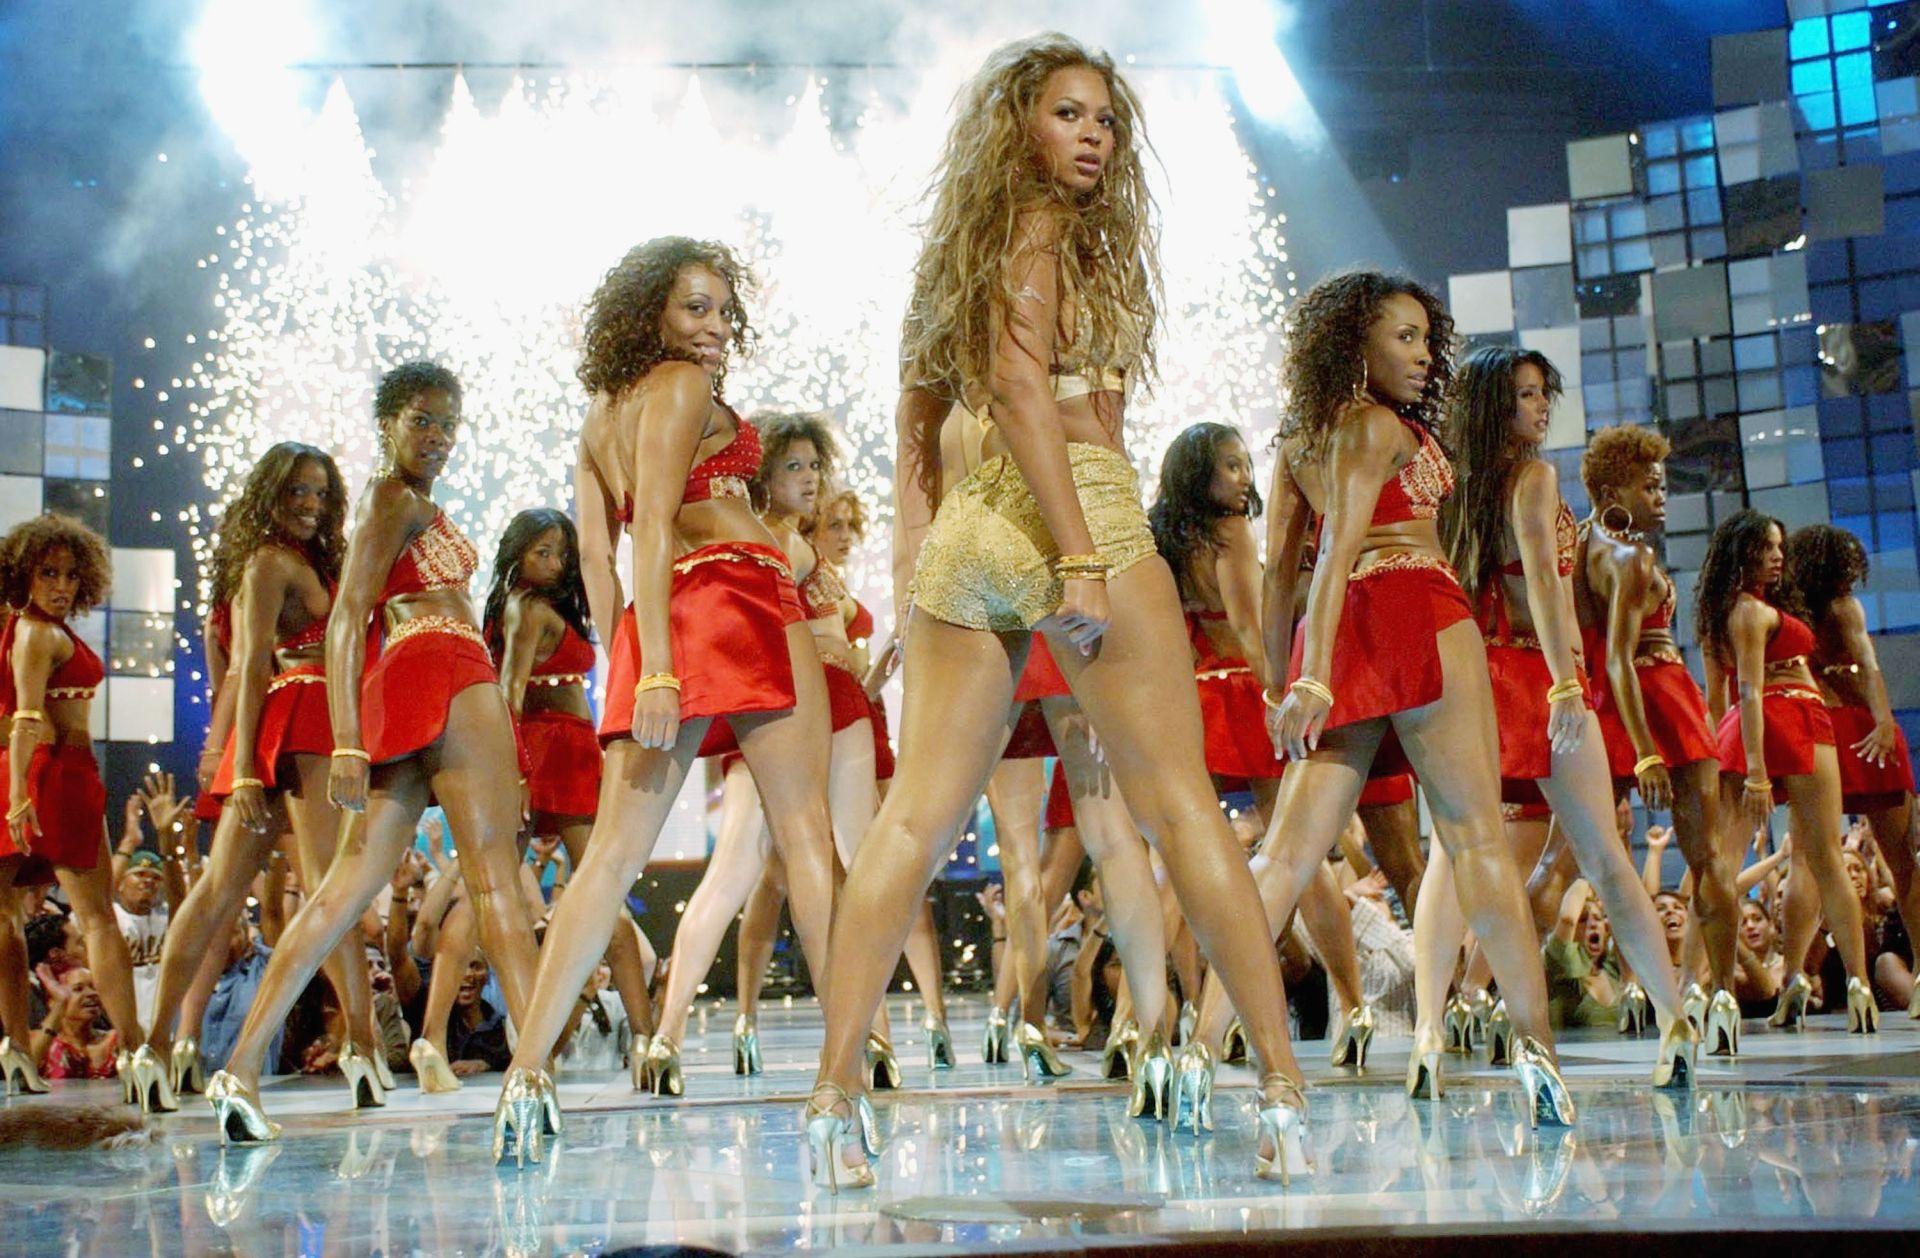 Beyonce Knowles 2003-ban az MTV Video Music Awards színpadán.